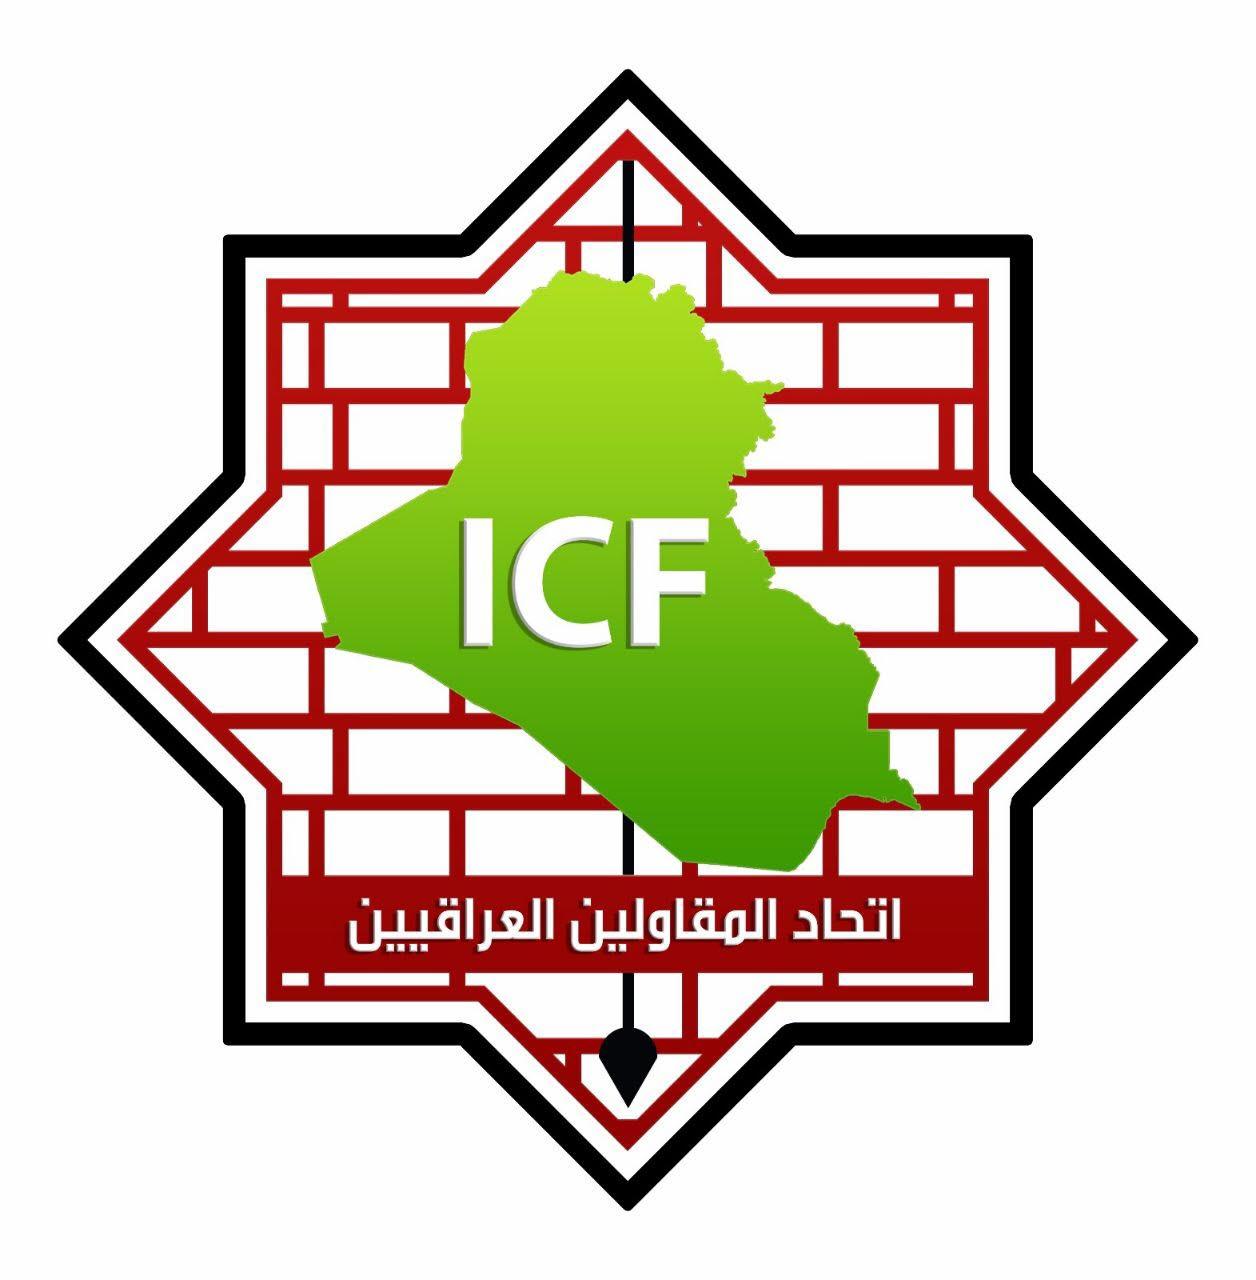 اتحاد المقاولين العراقيين